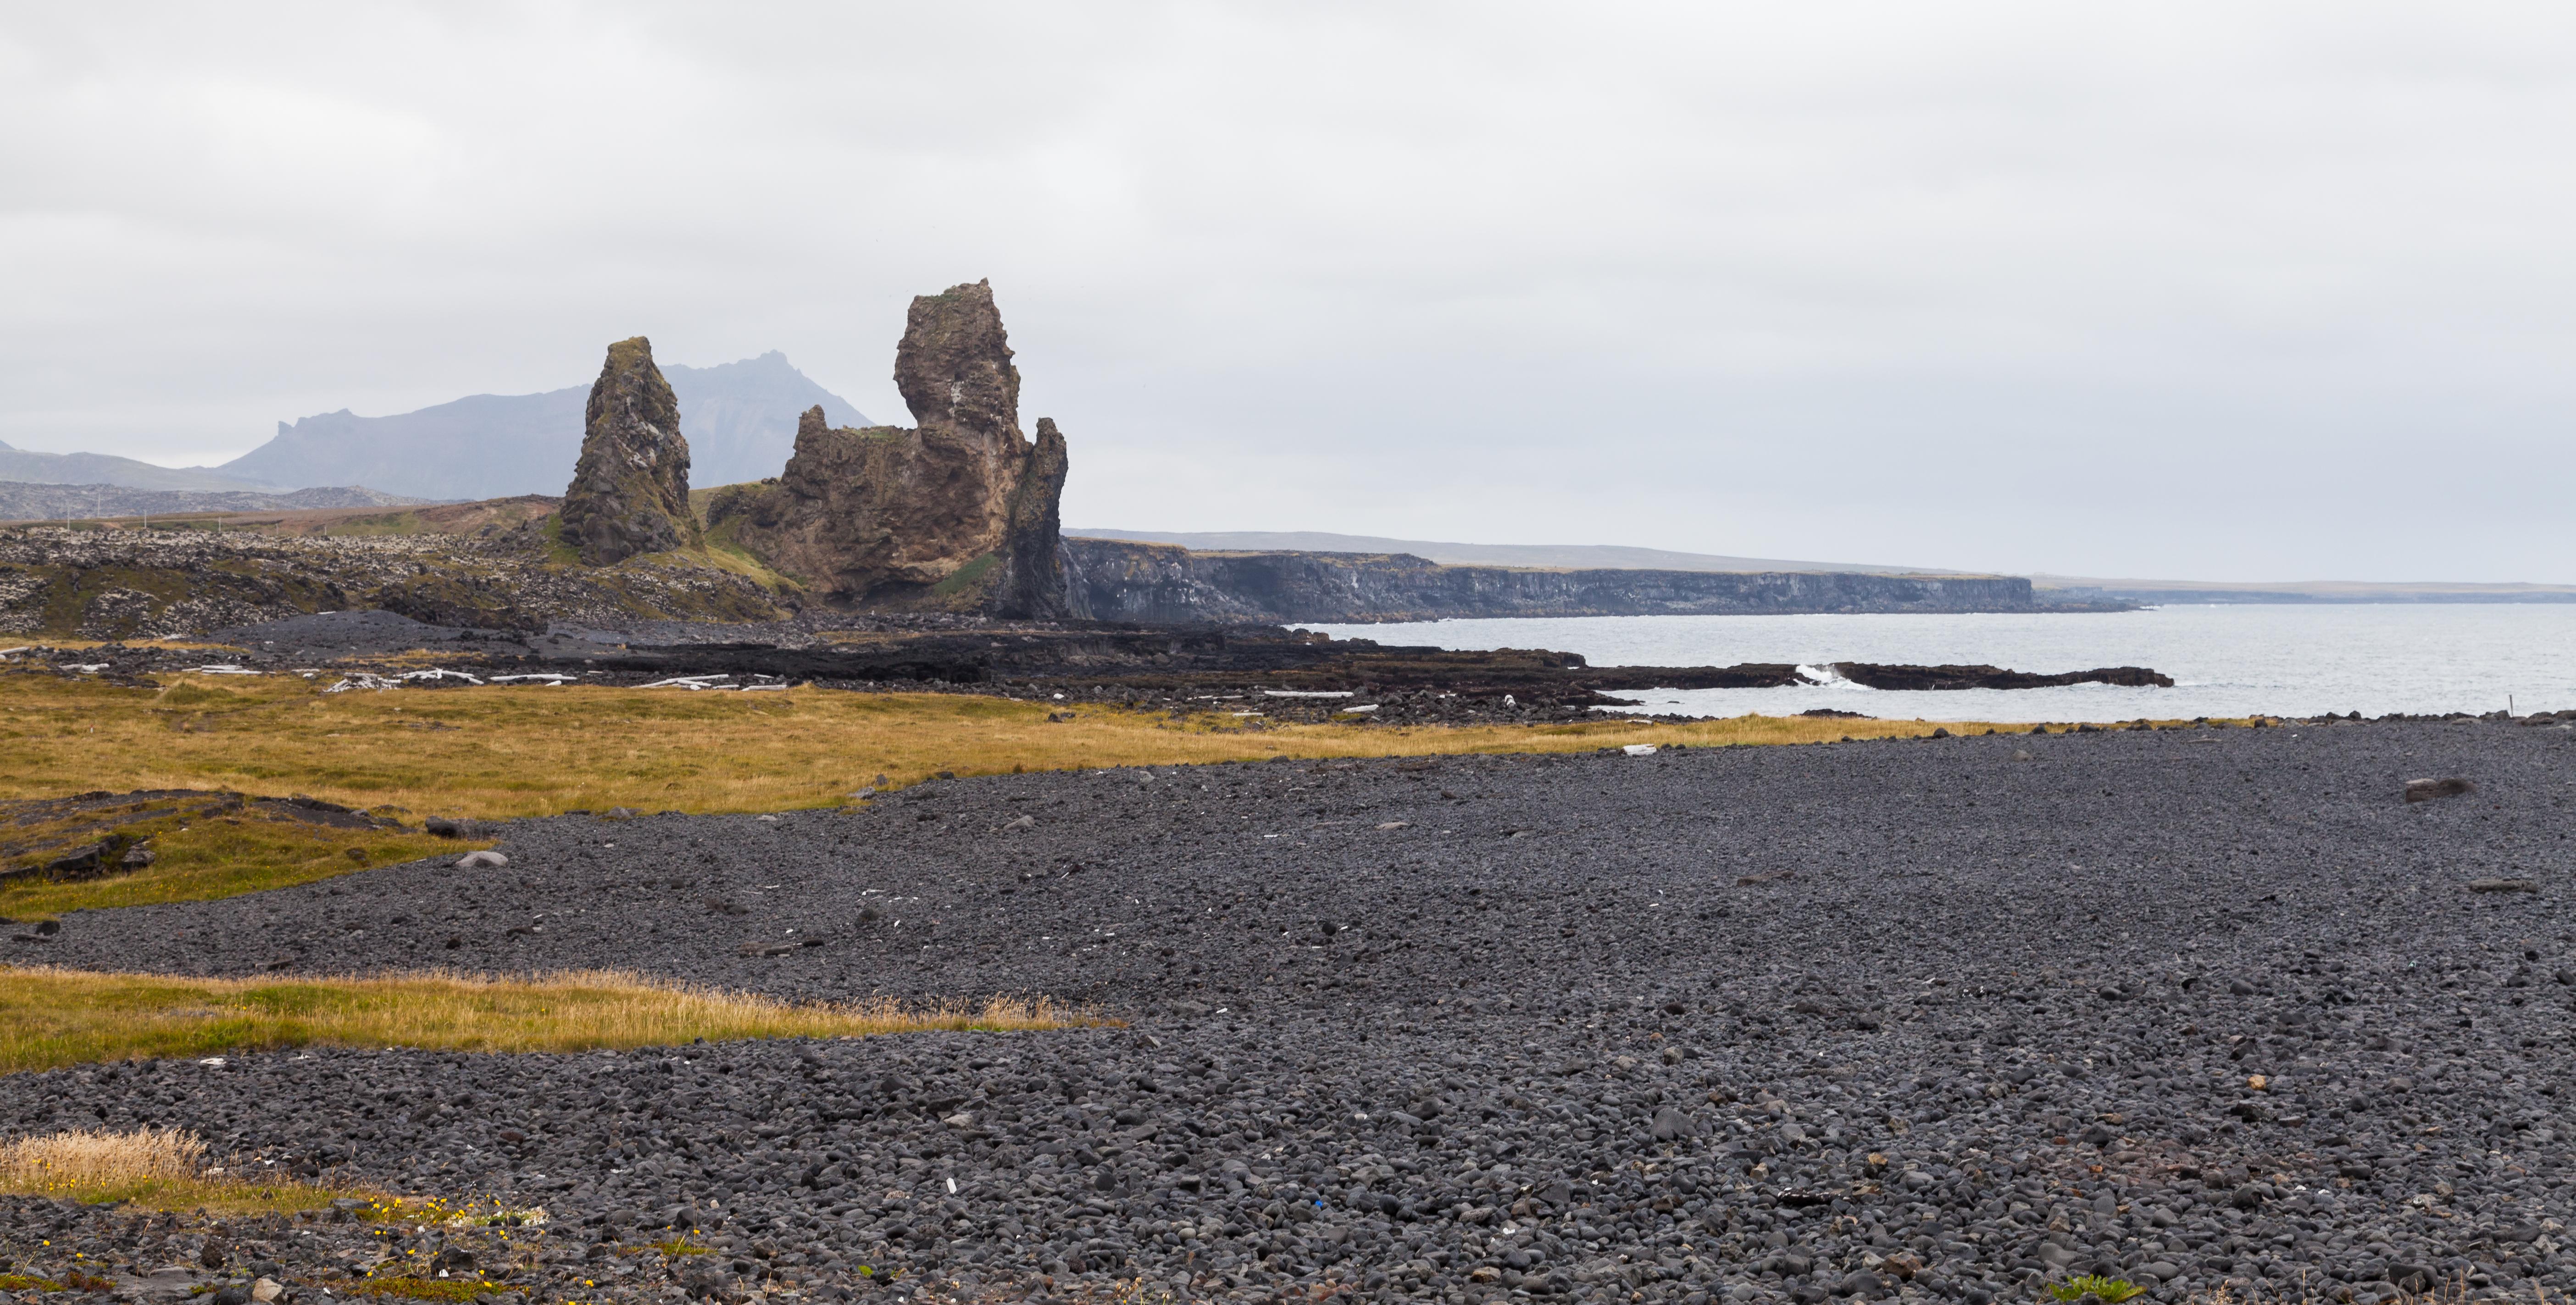 Ficheiropaisaje En Malarrif, Vesturland, Islandia, 2014